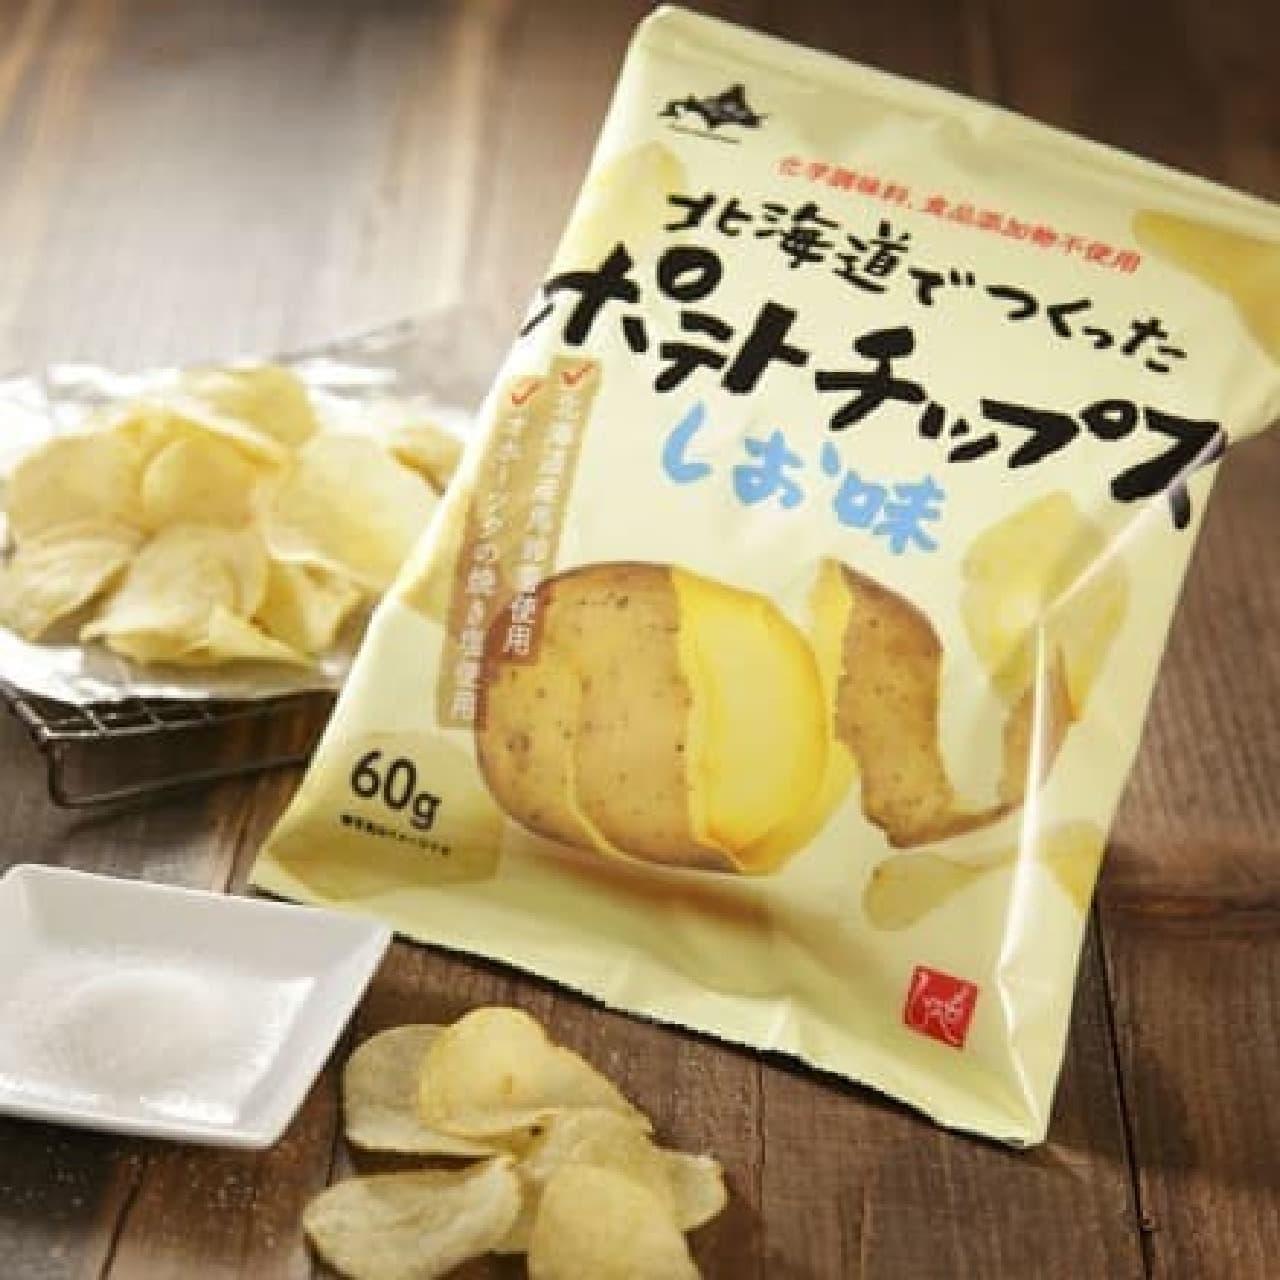 カルディコーヒーファーム「北海道から 北海道でつくったポテトチップス しお味」